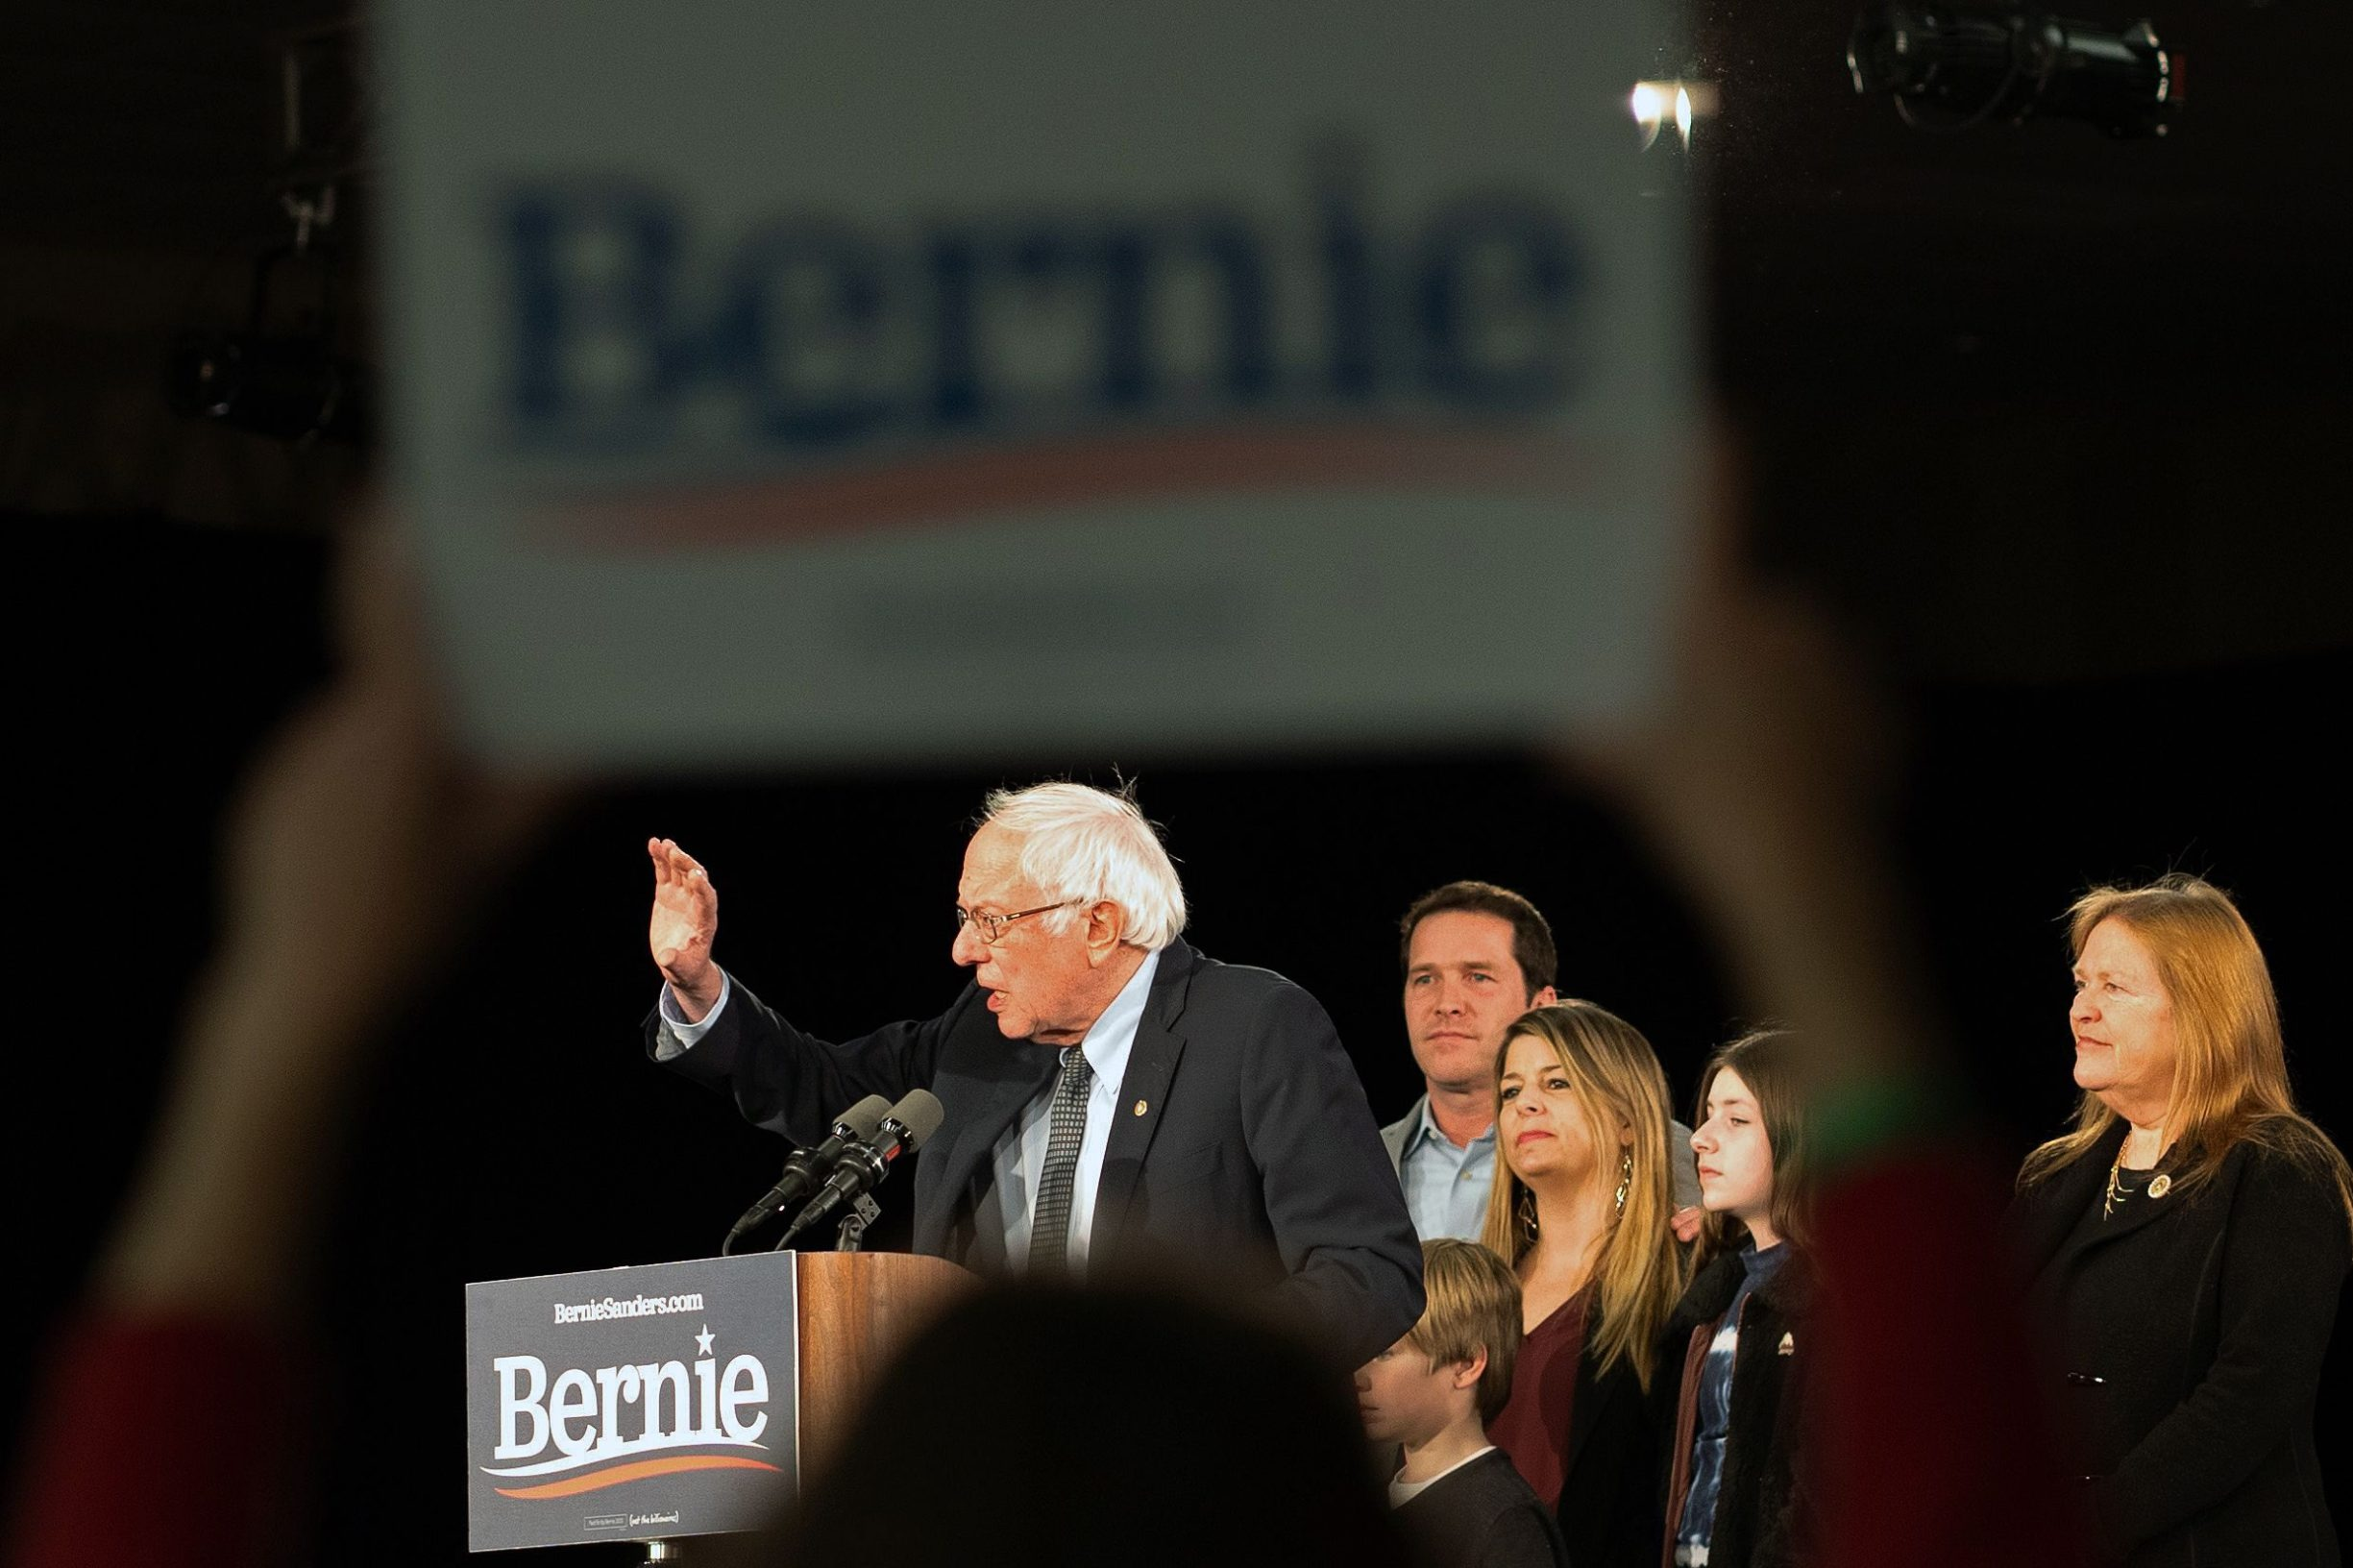 """Jedan od najpoznatijih ekonomskih komentatora u svijetu, Martin Sandbu, tvrdi da američki milijarderi nemaju razloga strahovati od """"socijalističkog"""" kandidata demokrata, jer se Sandersov socijalizam odnosi na Skandinaviju, a ne na Venezuelu"""